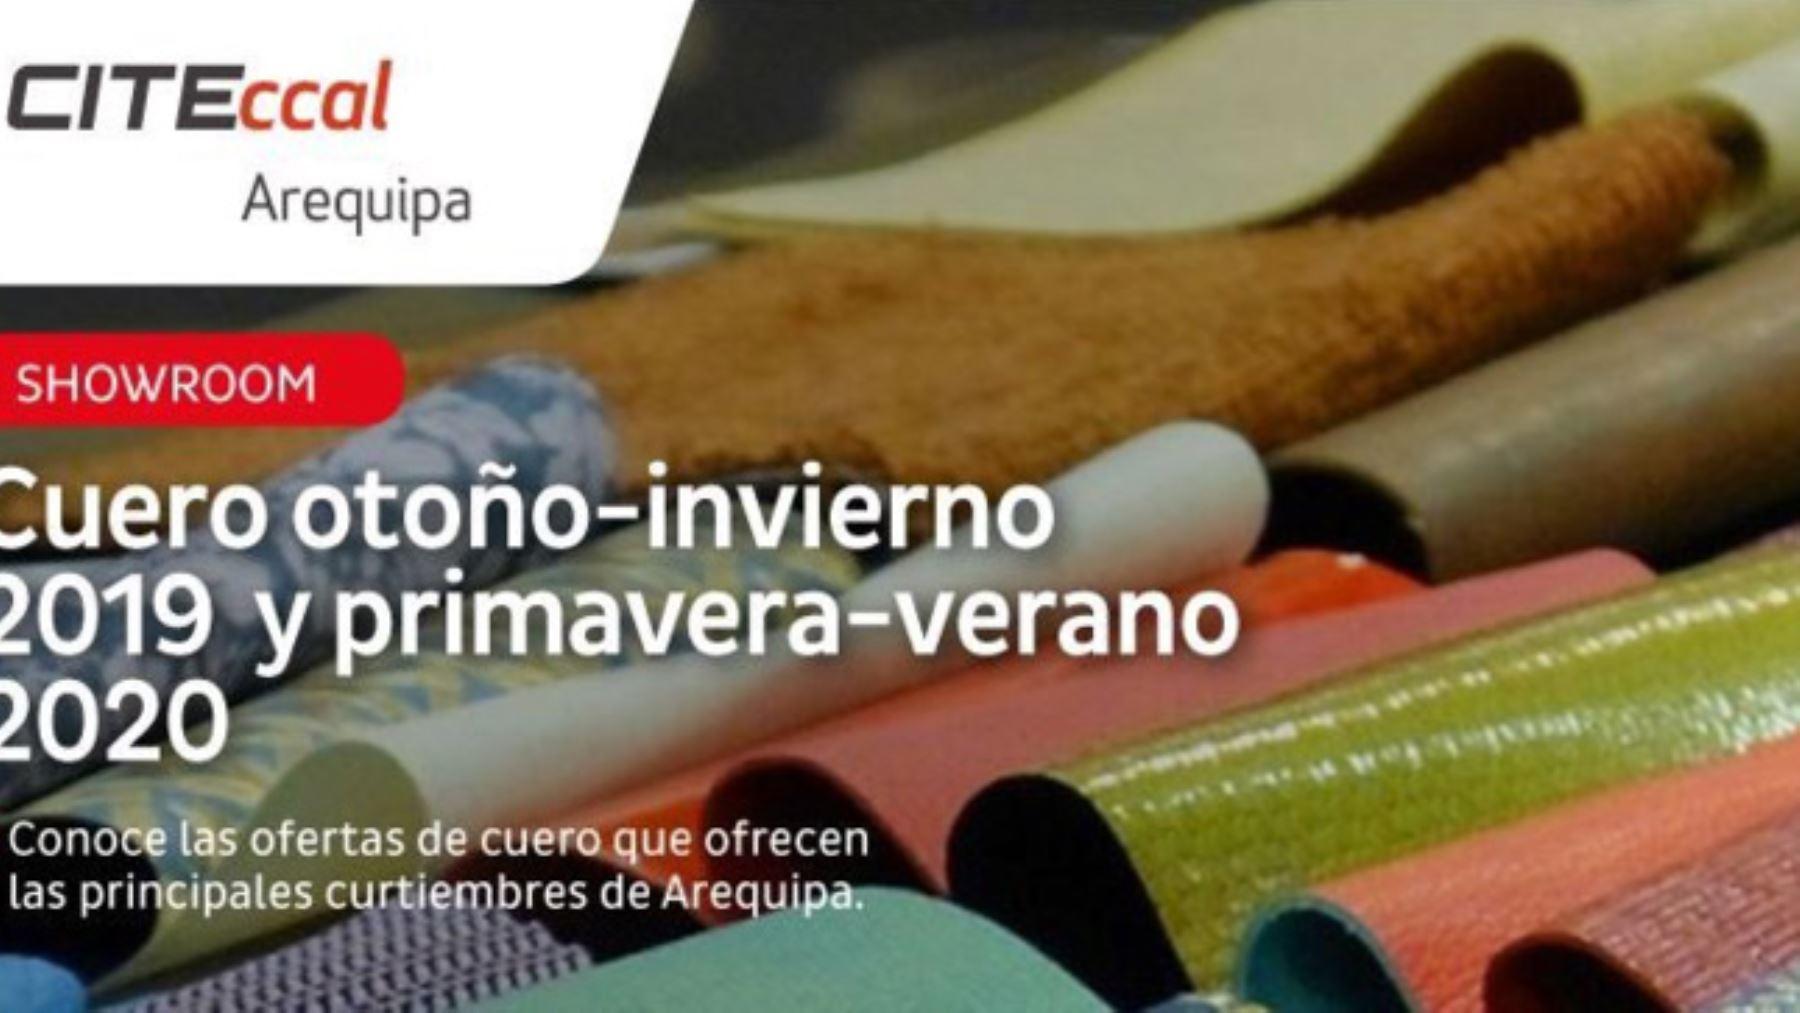 Arequipa: presentarán tendencia de cuero para calzado invierno 2019 y verano 2020